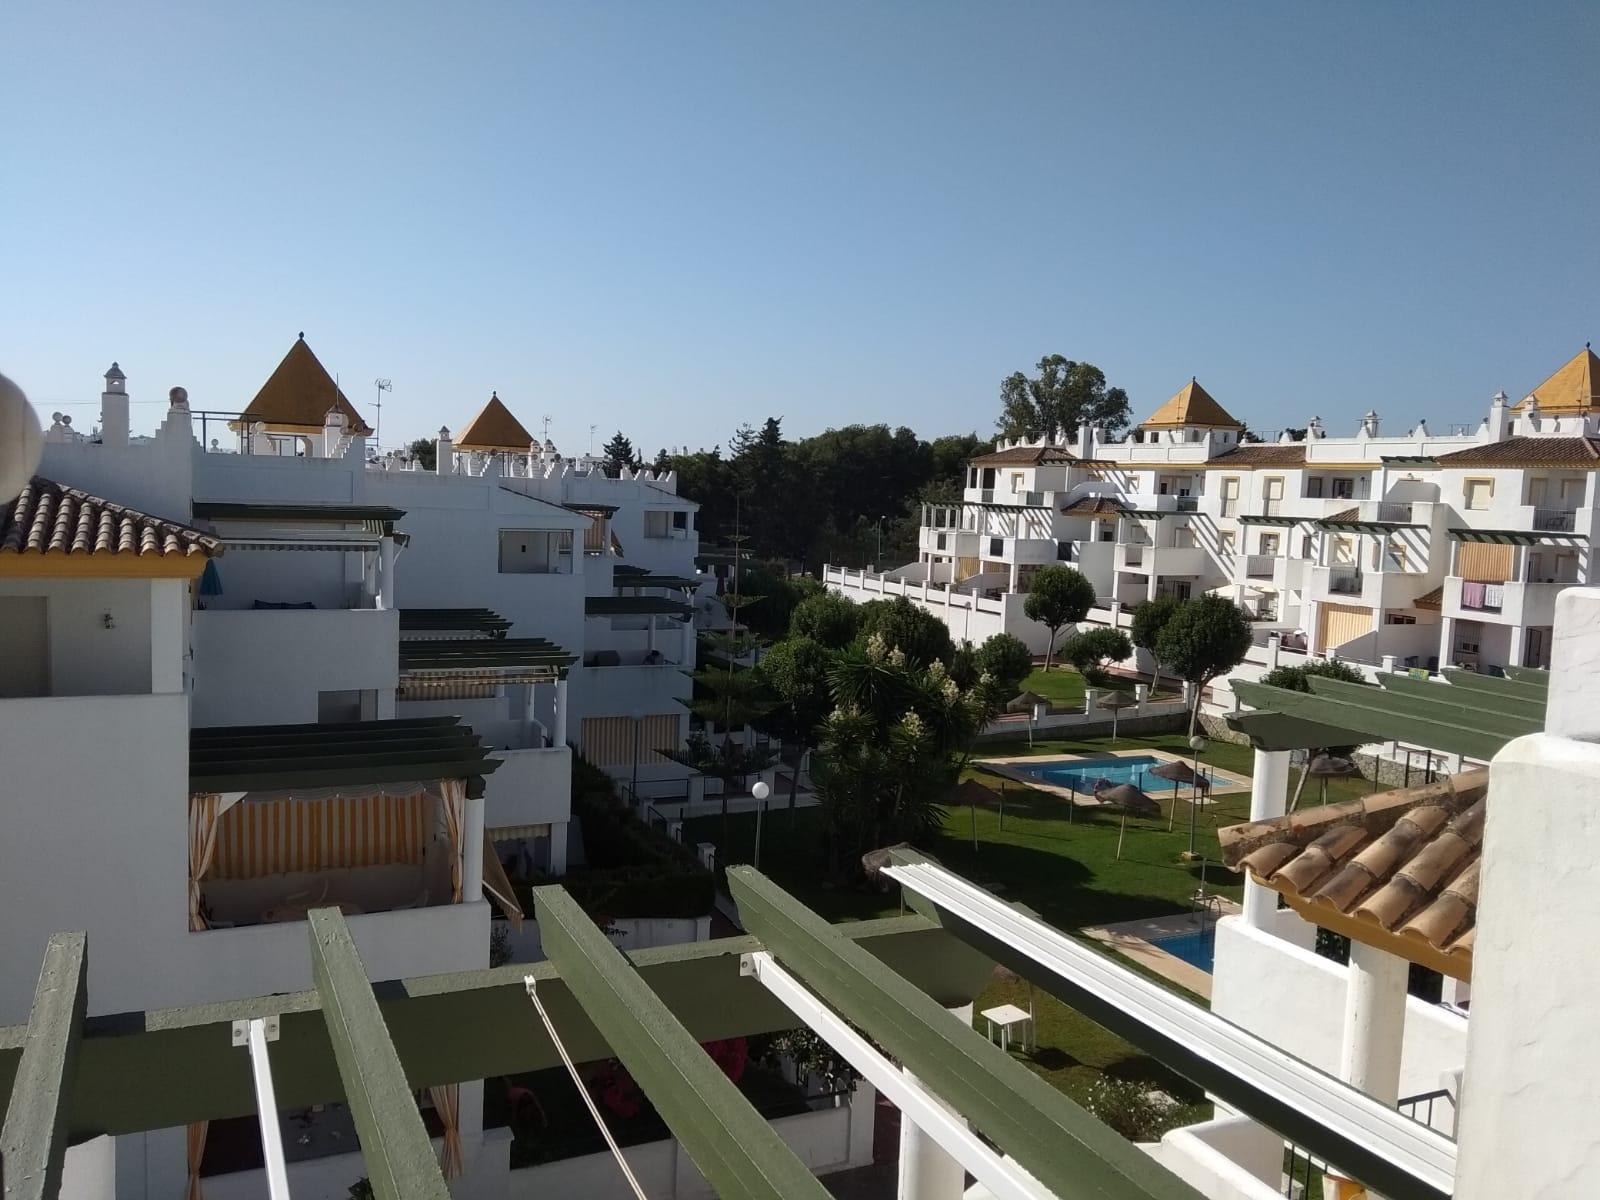 Conil 118 P4,Apartment  with communal pool in Conil de la Frontera, Costa de la Luz, Spain for 4 persons.....